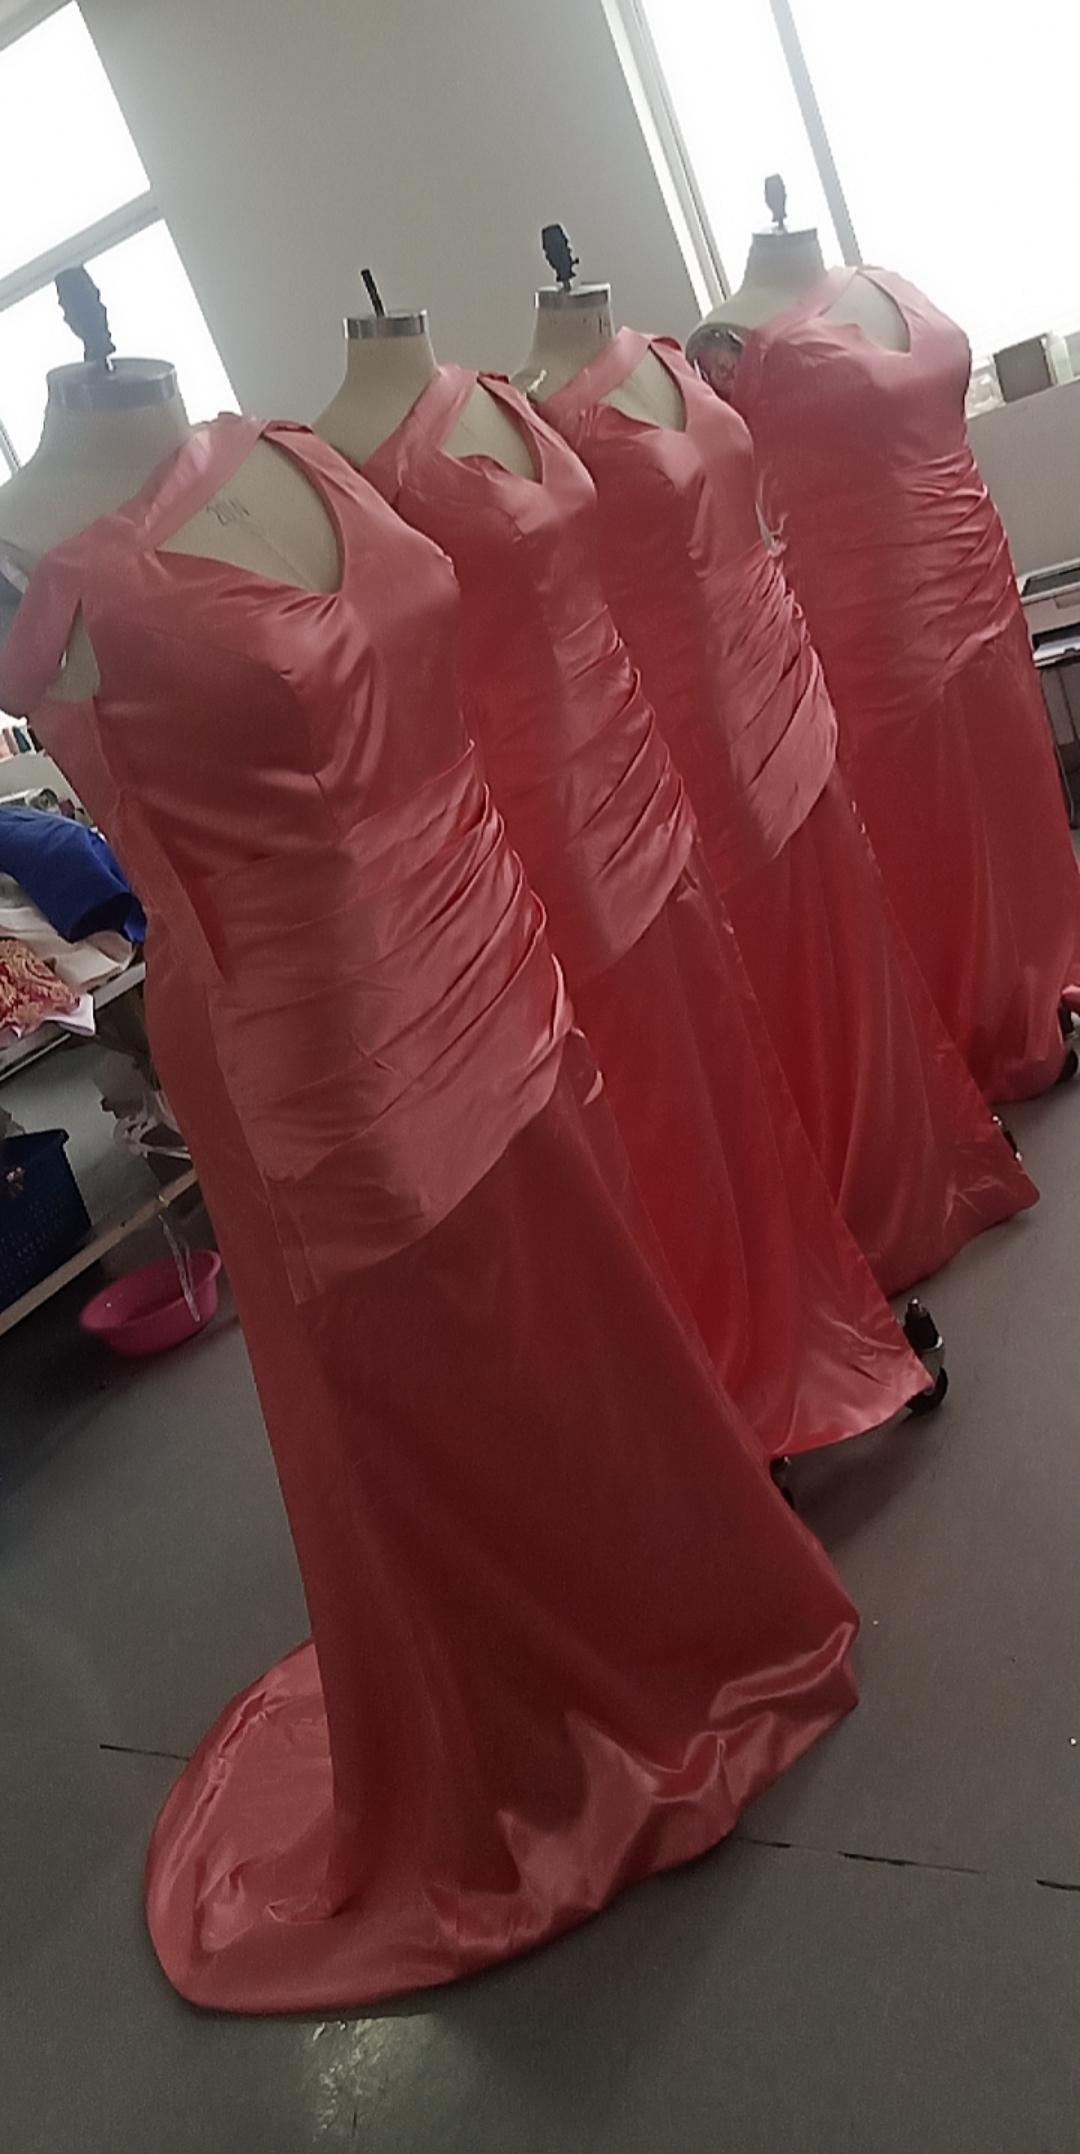 2021 vrais photos Gaine Longues demoiselle d'honneur robe sans manches Satin Satin Taille Plus Taille personnalisée Faire maigre de robe d'honneur